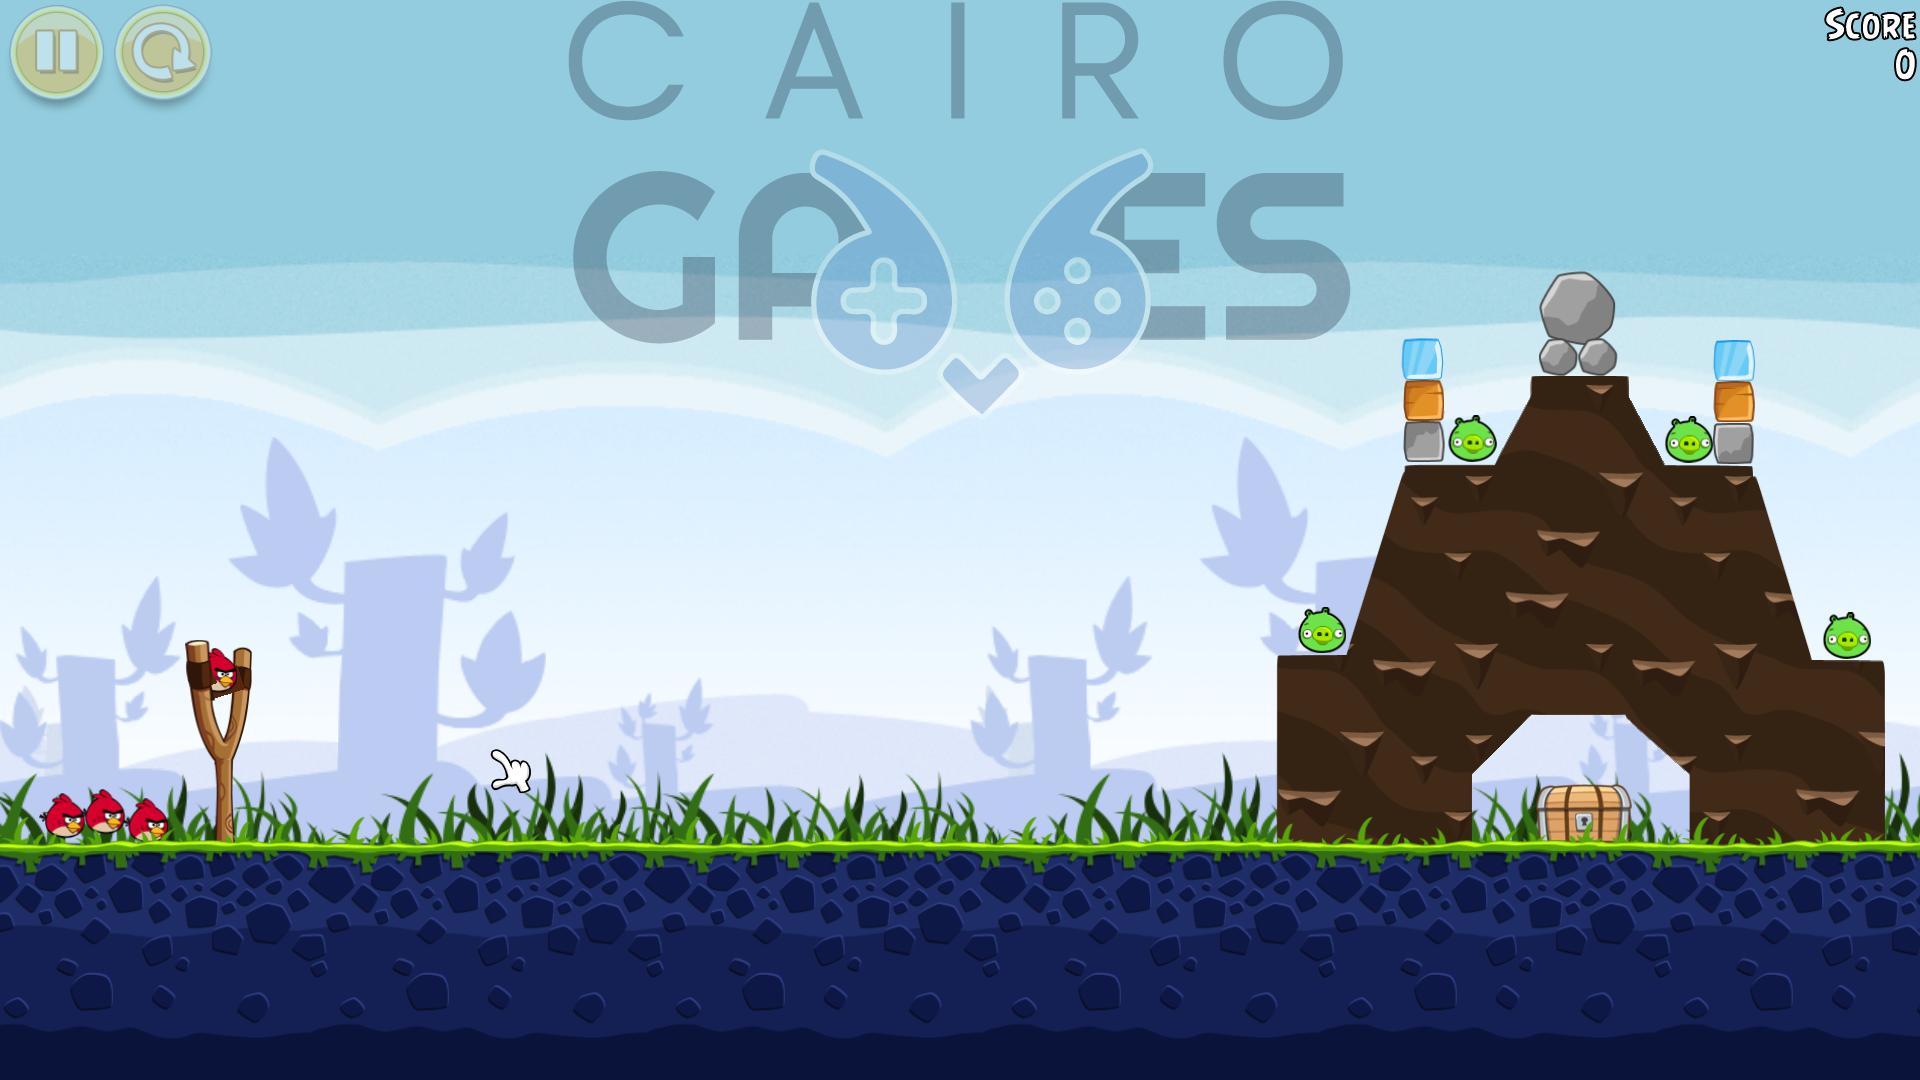 تحميل لعبة angry birds للكمبيوتر من ميديا فاير